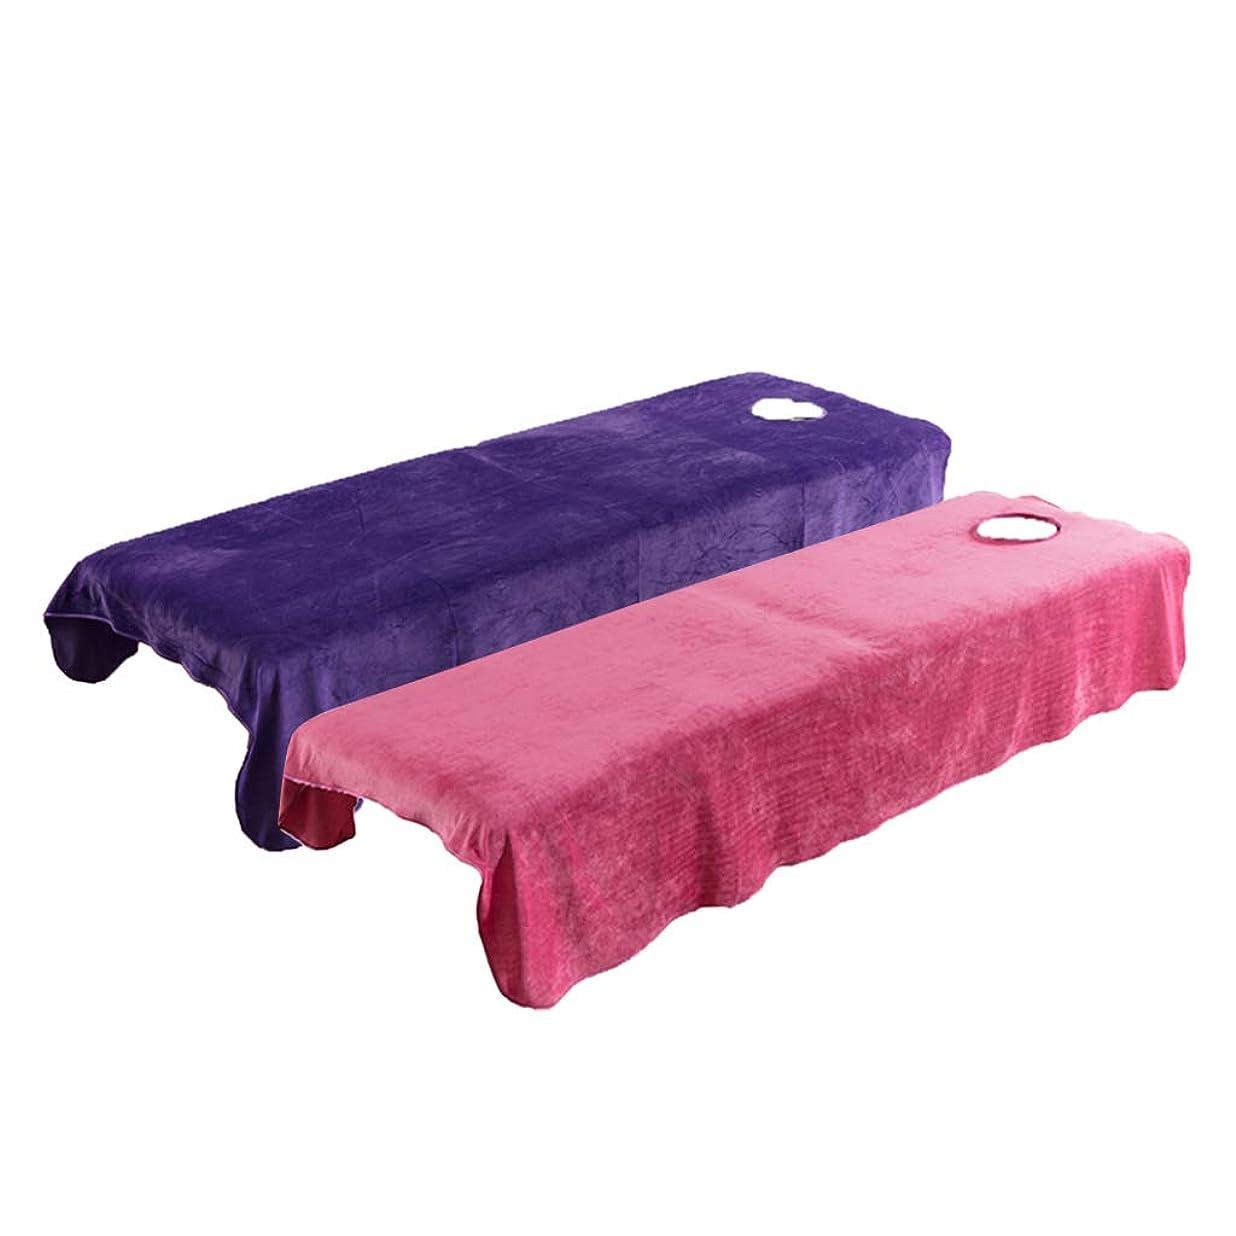 テーブルを設定する涙権限を与えるKESOTO 2点セット マッサージベッドカバー 有孔 スパ 美容ベッドカバー クリスタルベルベット素材 120x190cm